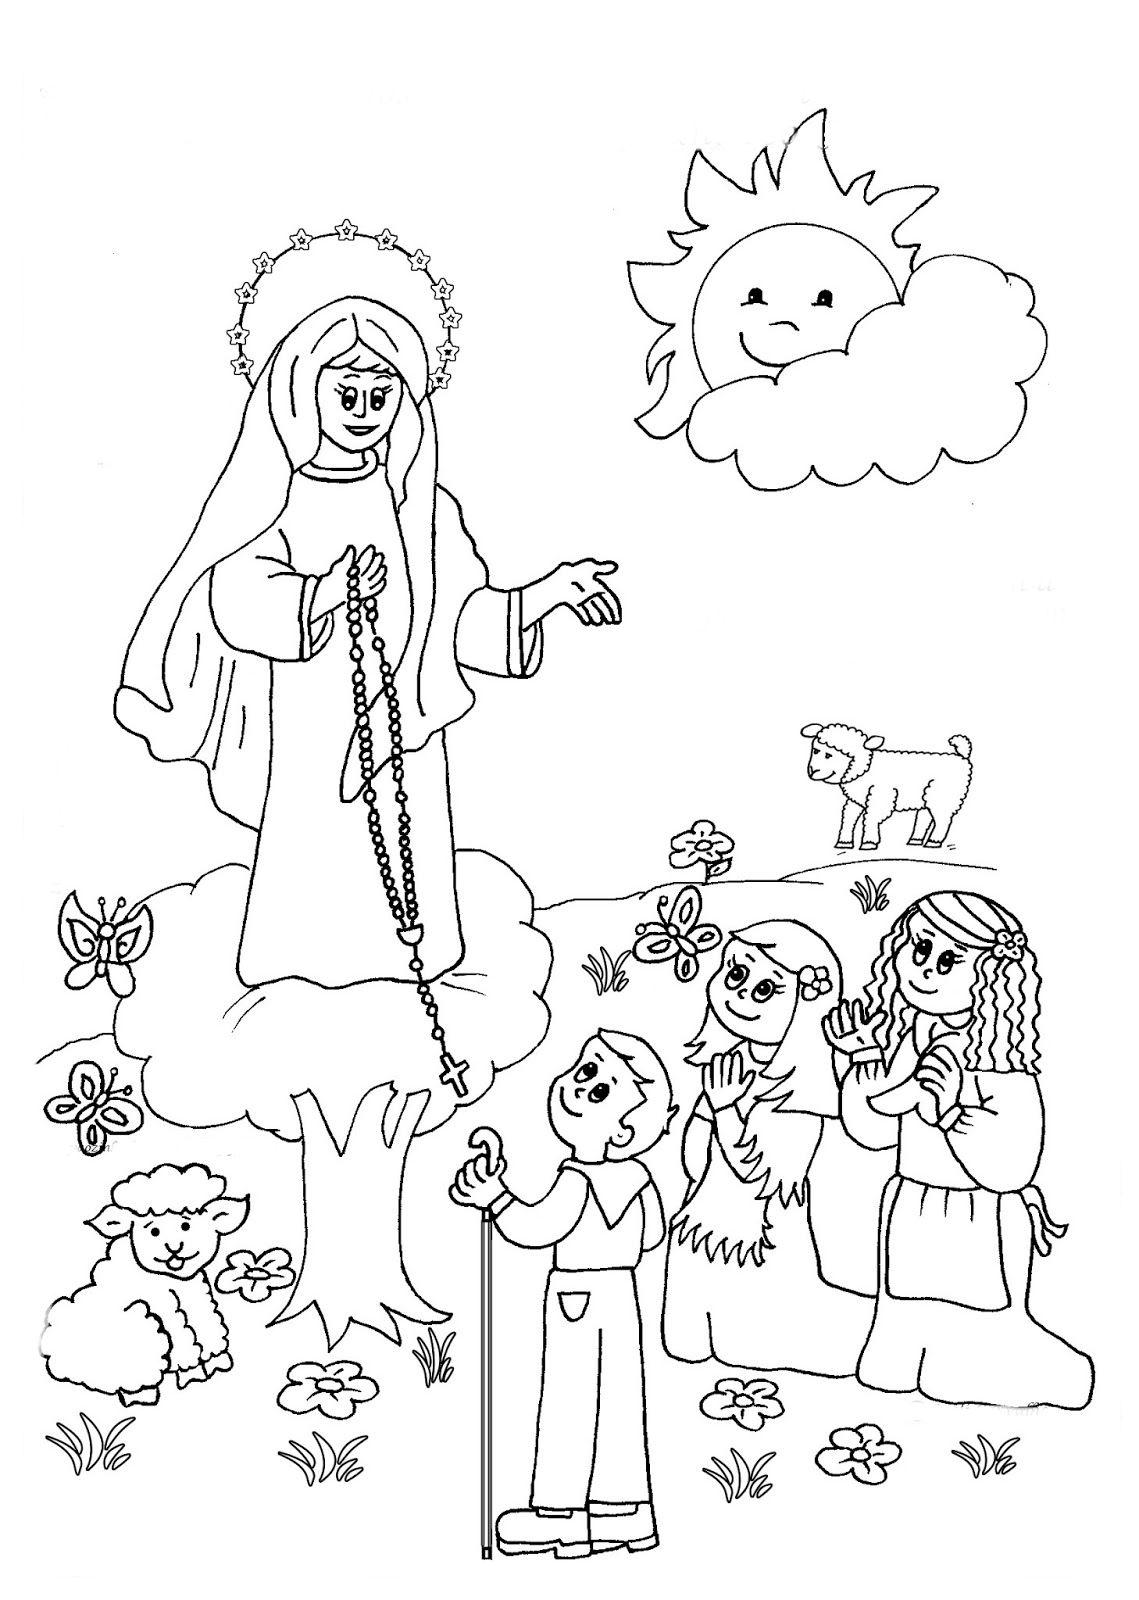 imagenes de la virgen maria para pintar | Mayo Mes Maria | Pinterest ...